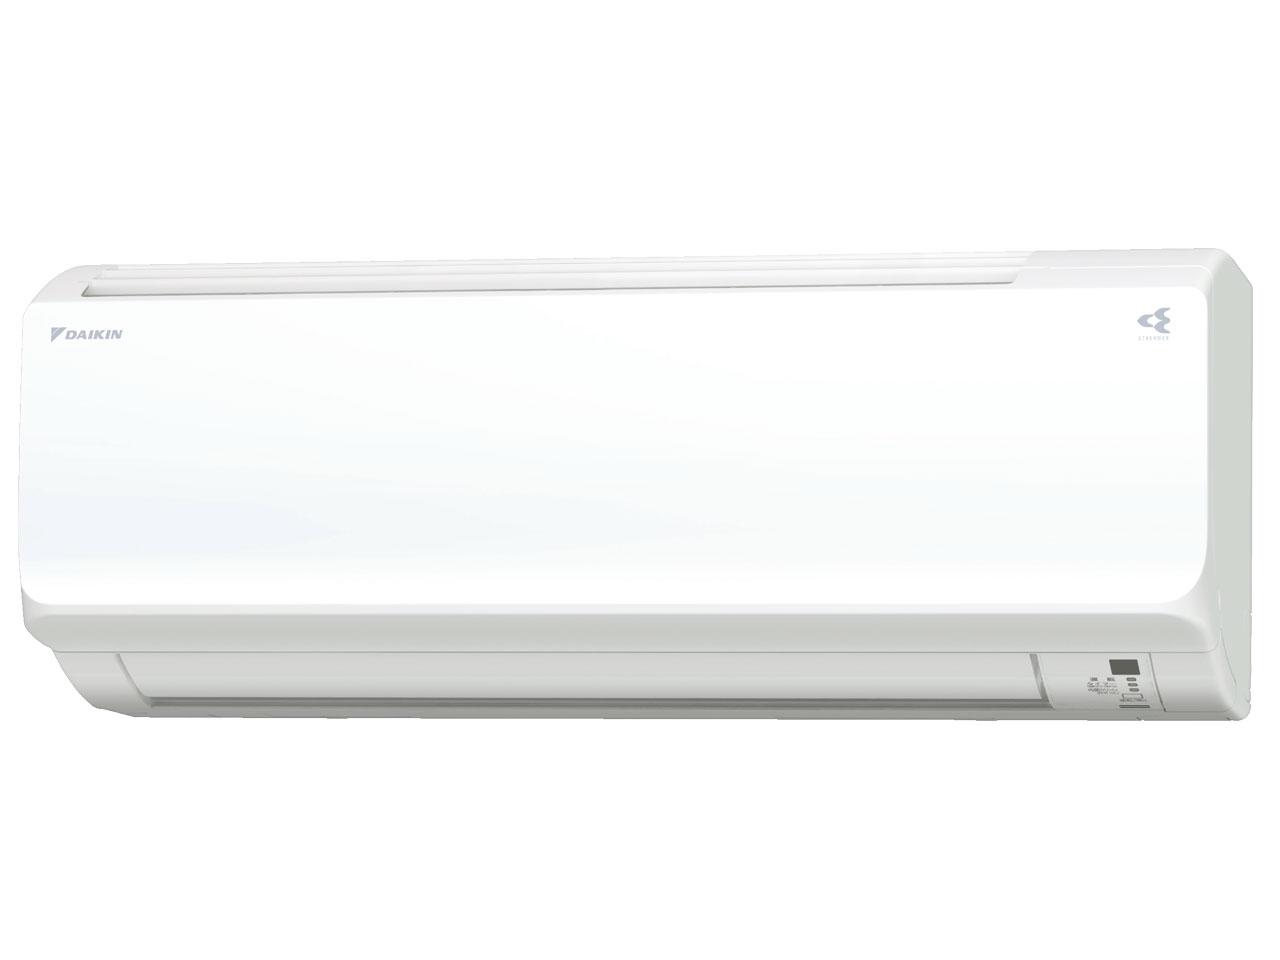 ダイキン 18年モデル CXシリーズ S25VTCXS-W 【100V用】8畳用冷暖房除湿エアコン